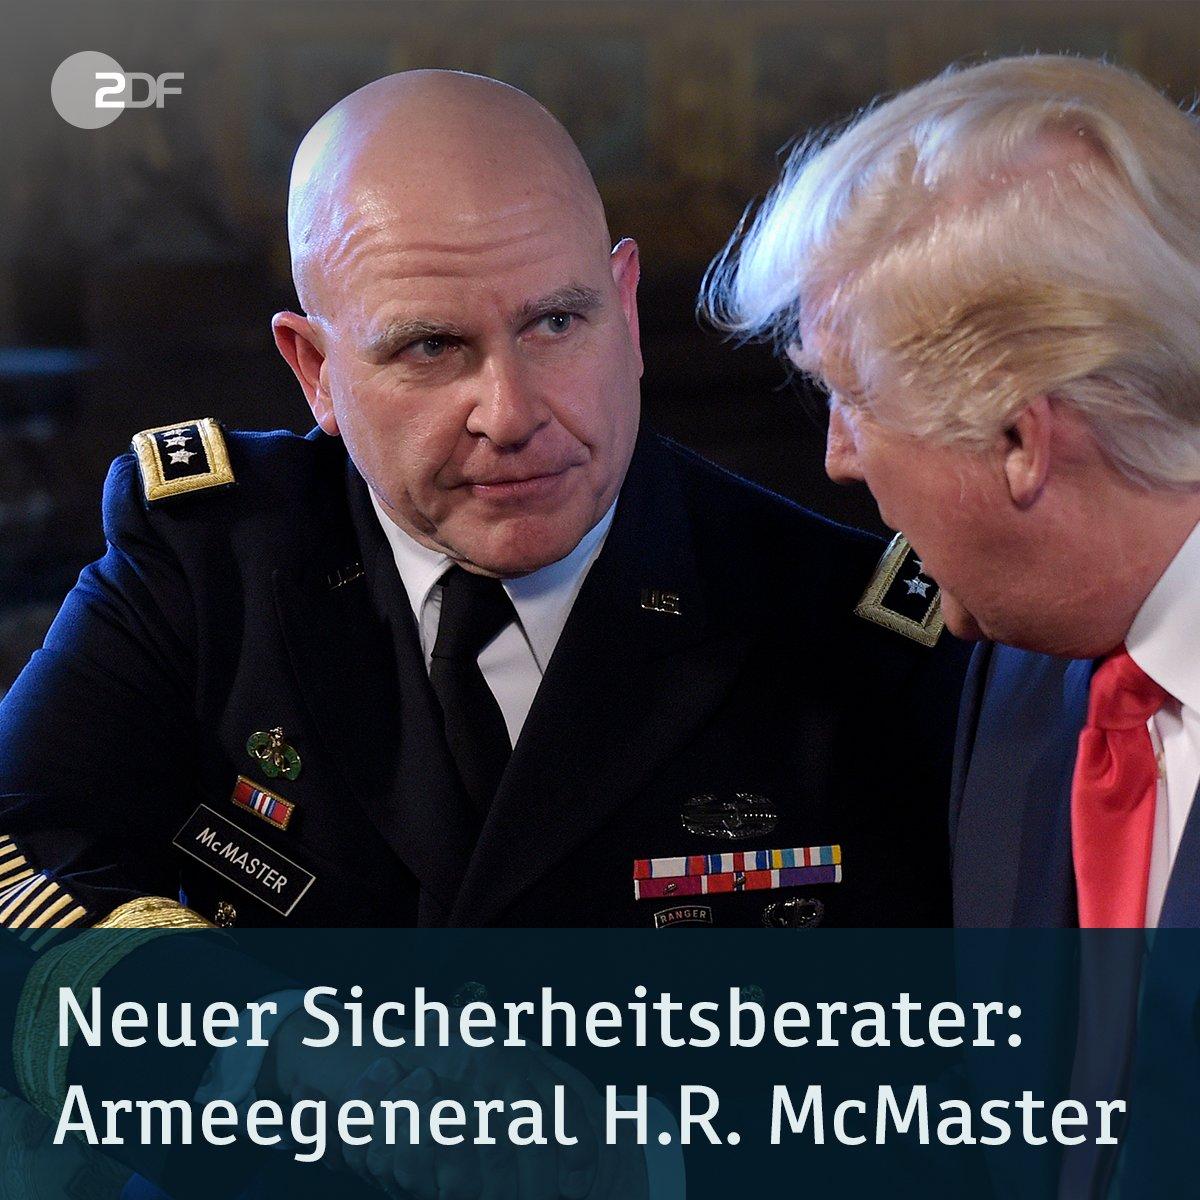 #Trump ernennt Generalleutnant #McMaster zum neuen Nationalen #Sicherheitsberater. Mehr zum Thema: https://t.co/a5Xs0ZbQvv